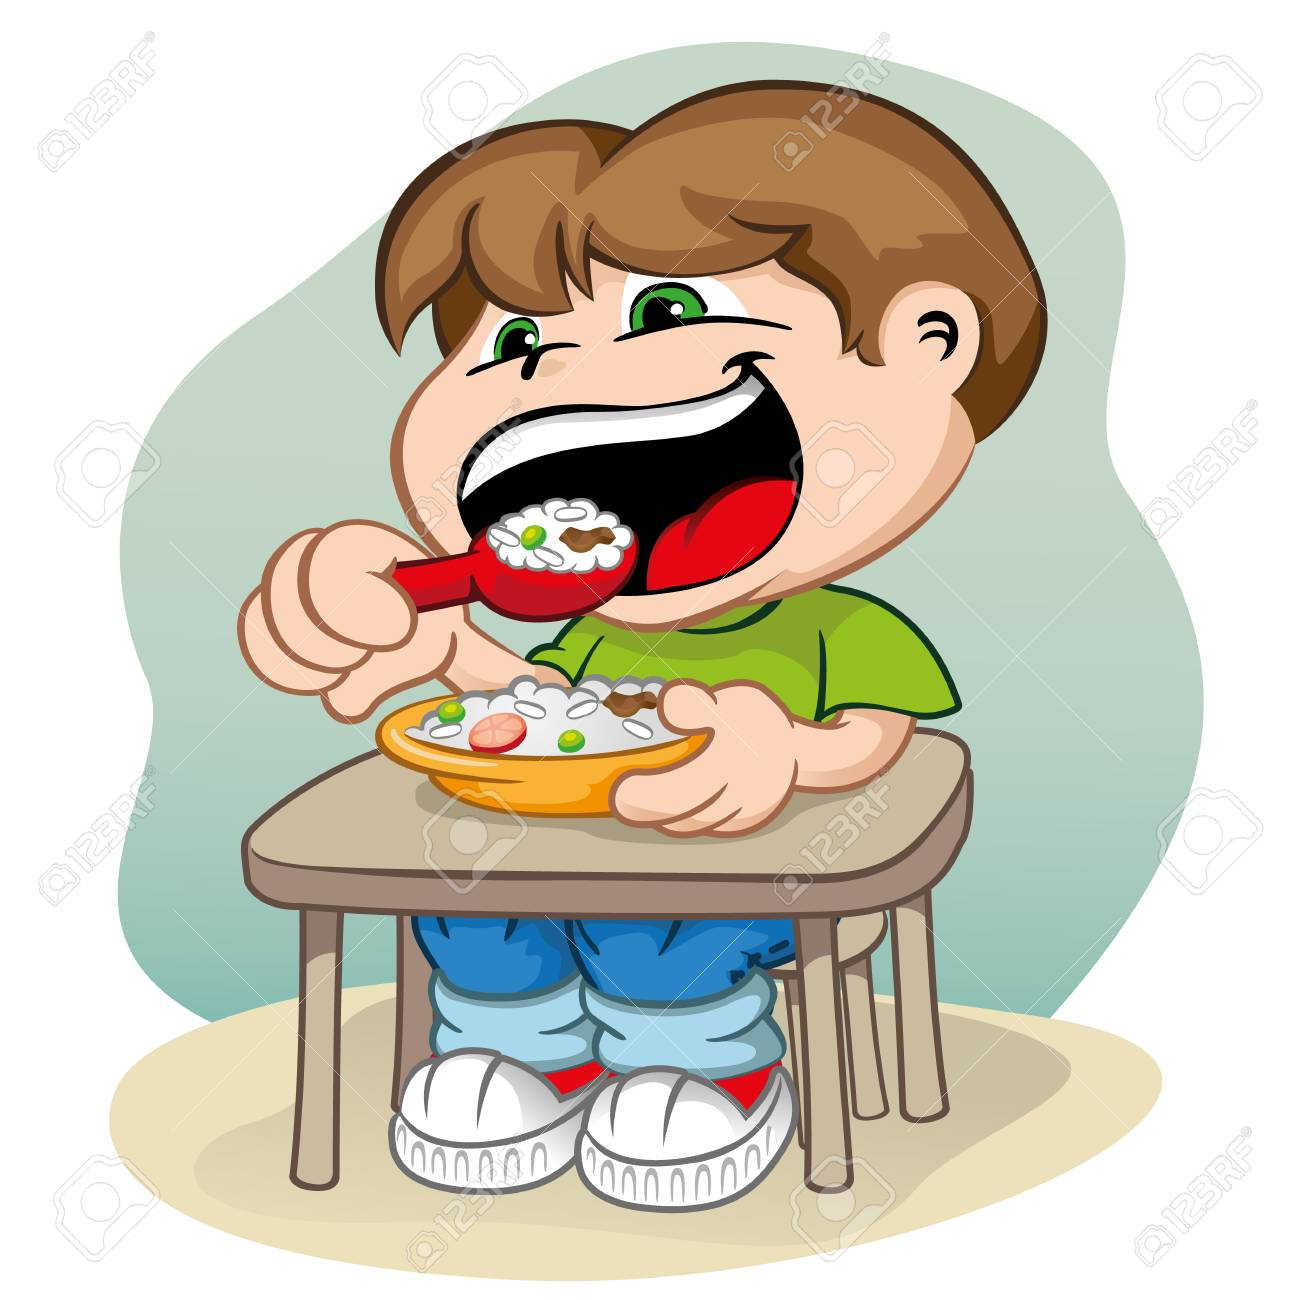 Ilustración Que Representa A Un Niño Sentado En La Mesa De Alimentación  Ilustraciones Vectoriales, Clip Art Vectorizado Libre De Derechos. Image  71449944.